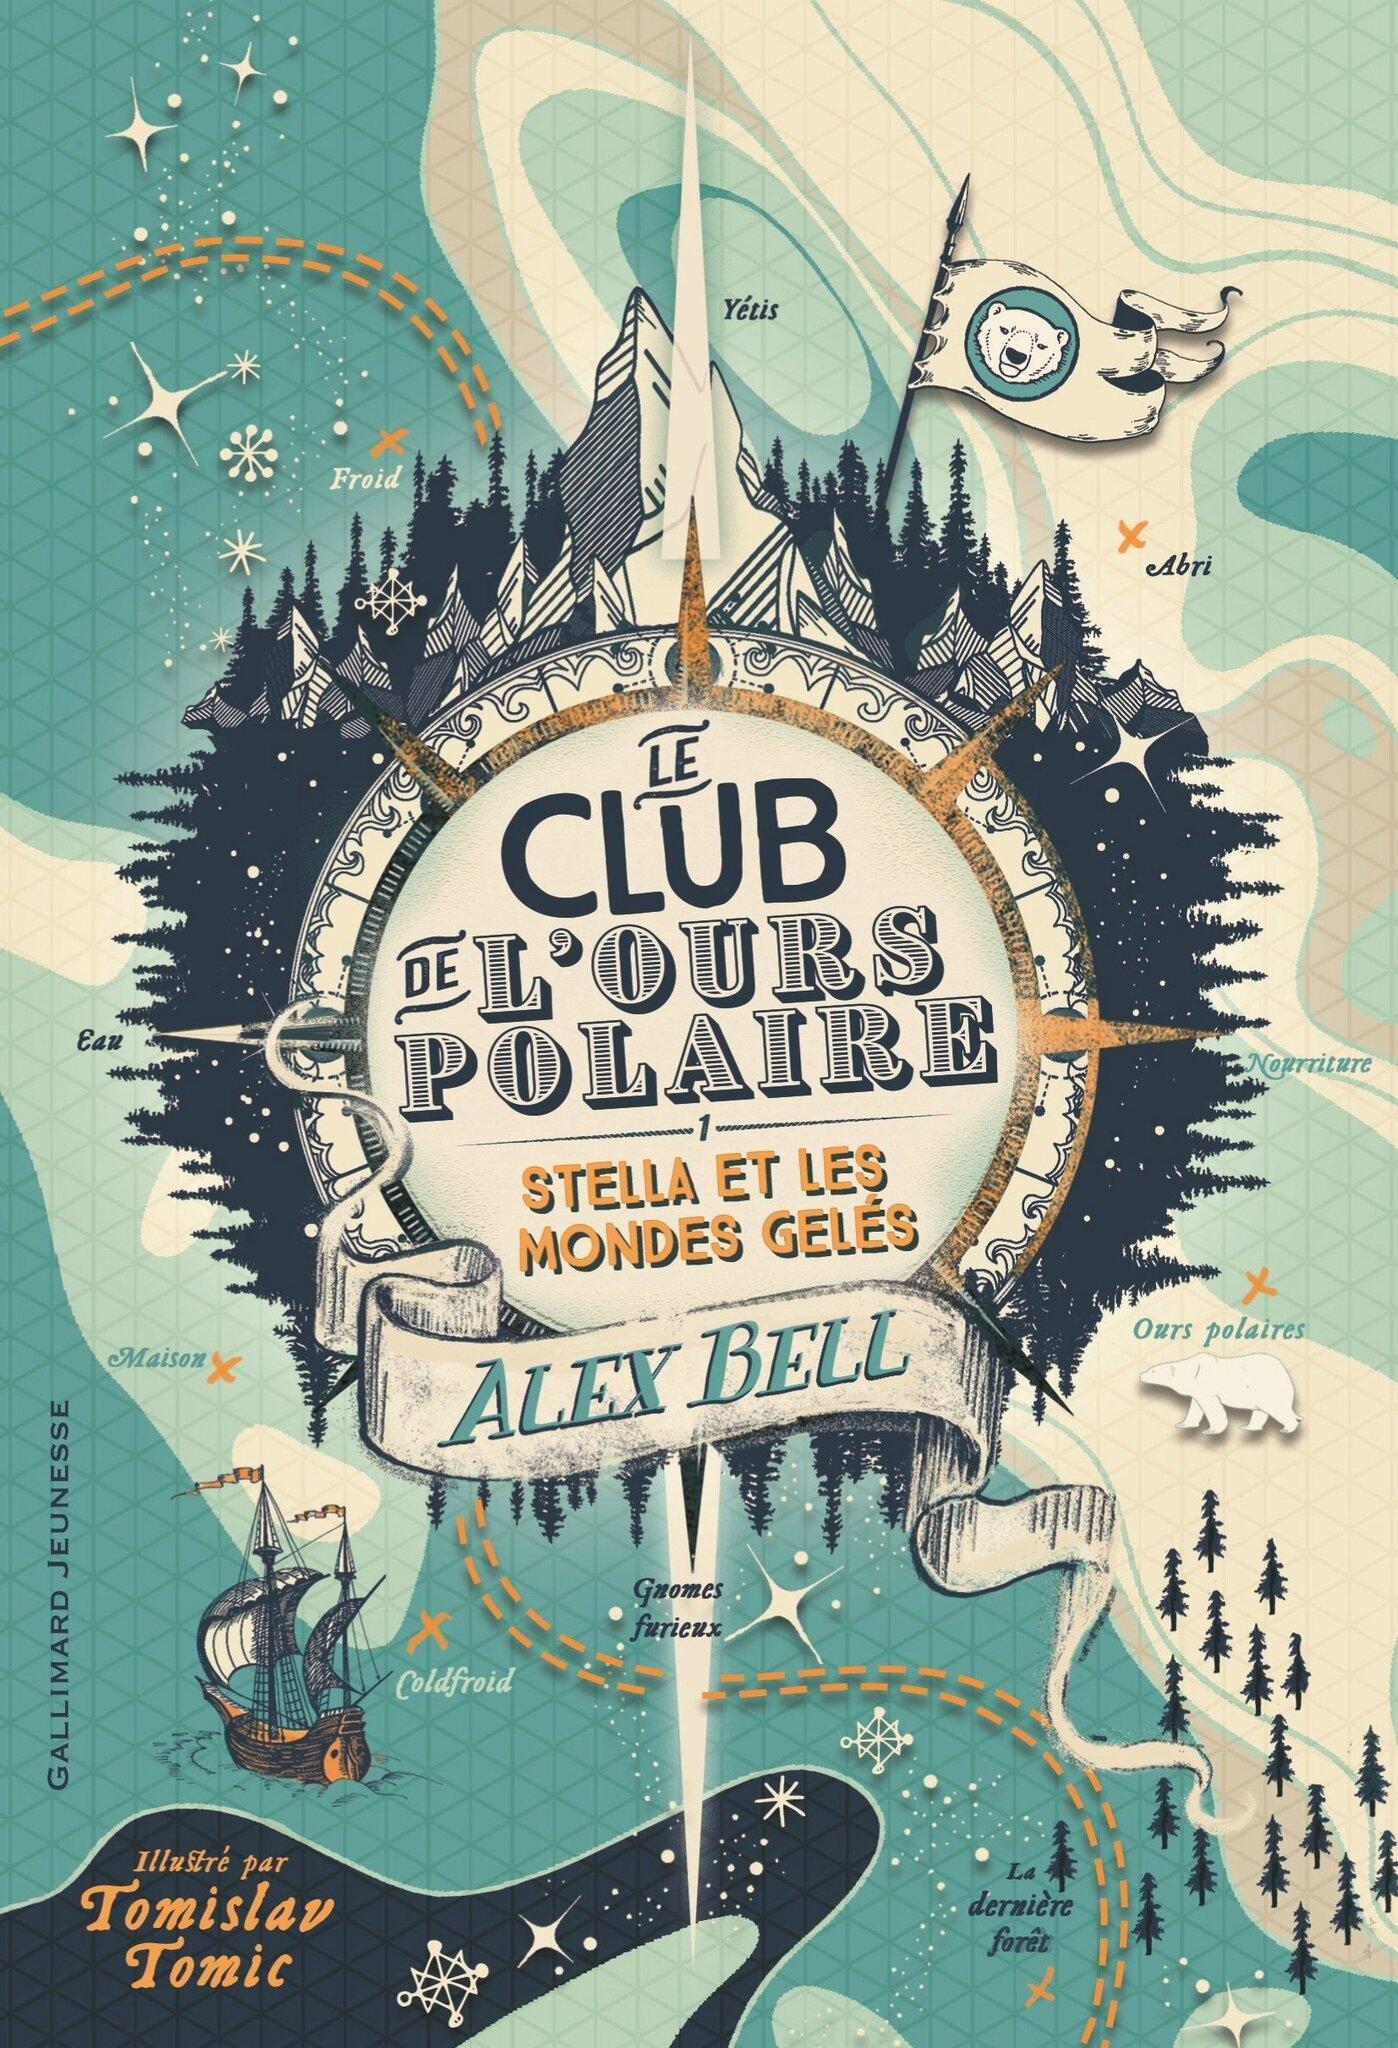 Le club de l'Ours Polaire T1, Stella et les mondes gelés, de Alex Bell, chez Gallimard Jeunesse ***